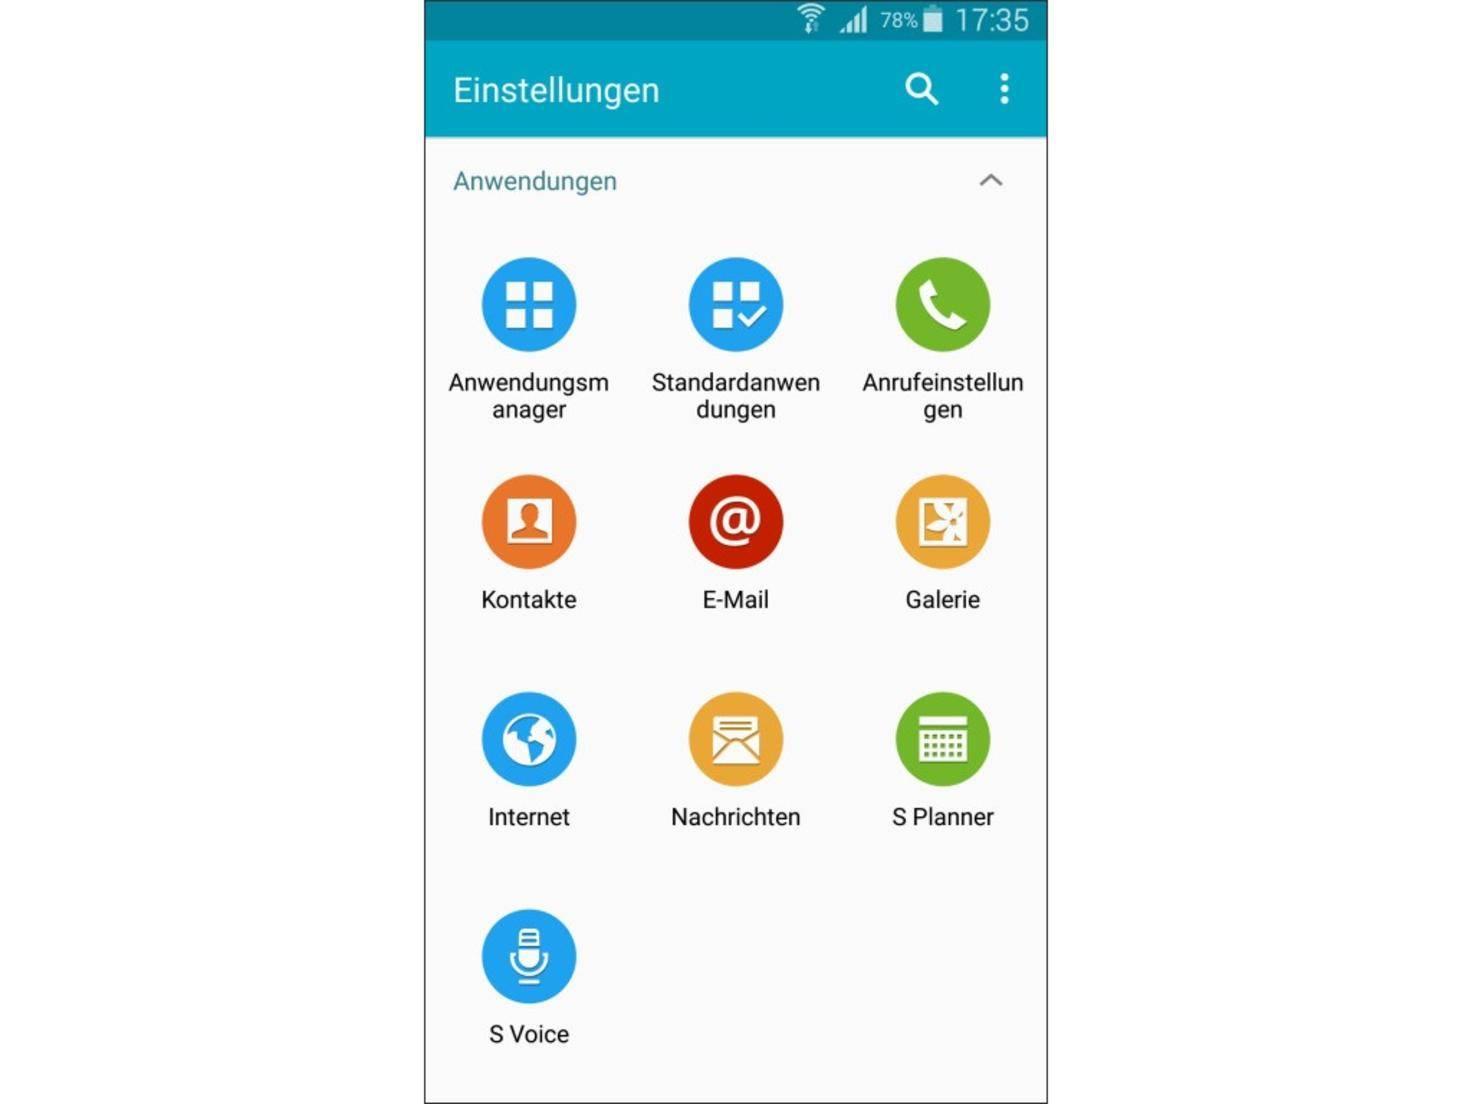 Apps Auf Sd Karte Verschieben Android 5.Unter Android Daten Auf Die Sd Karte Verschieben So Geht S